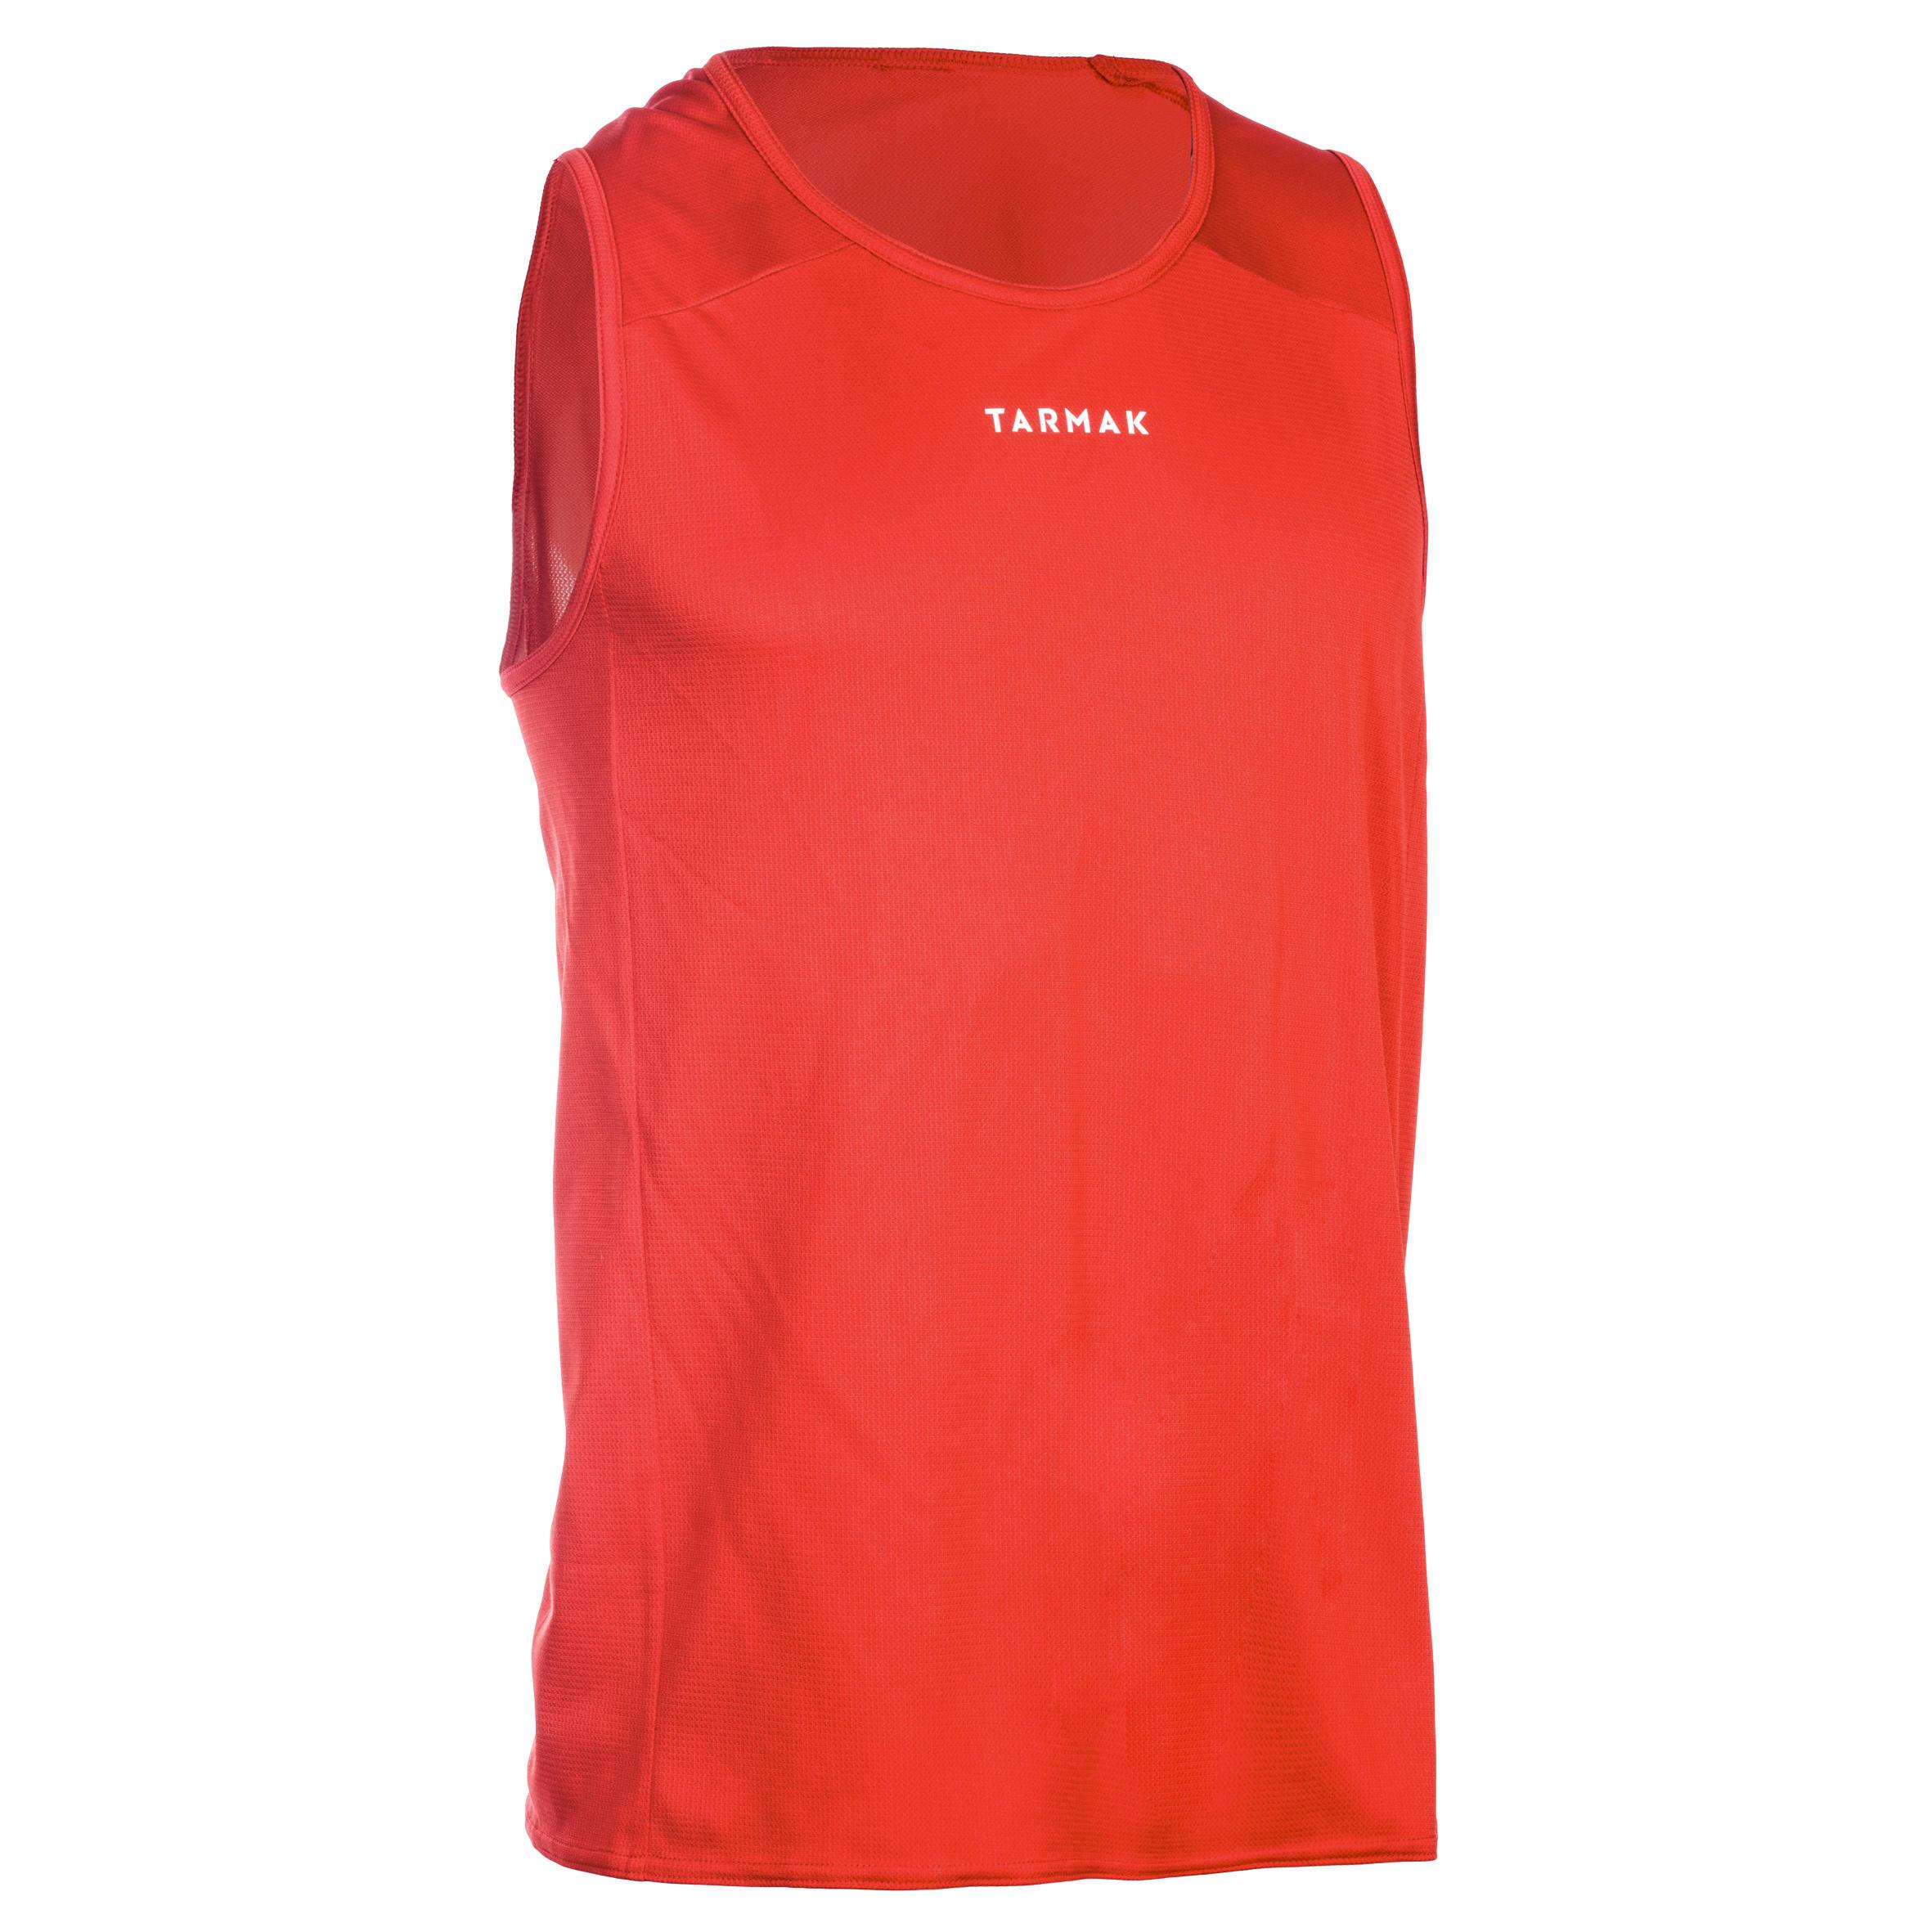 Tarmak Mouwloos basketbalshirt voor beginnende heren/dames T100 rood